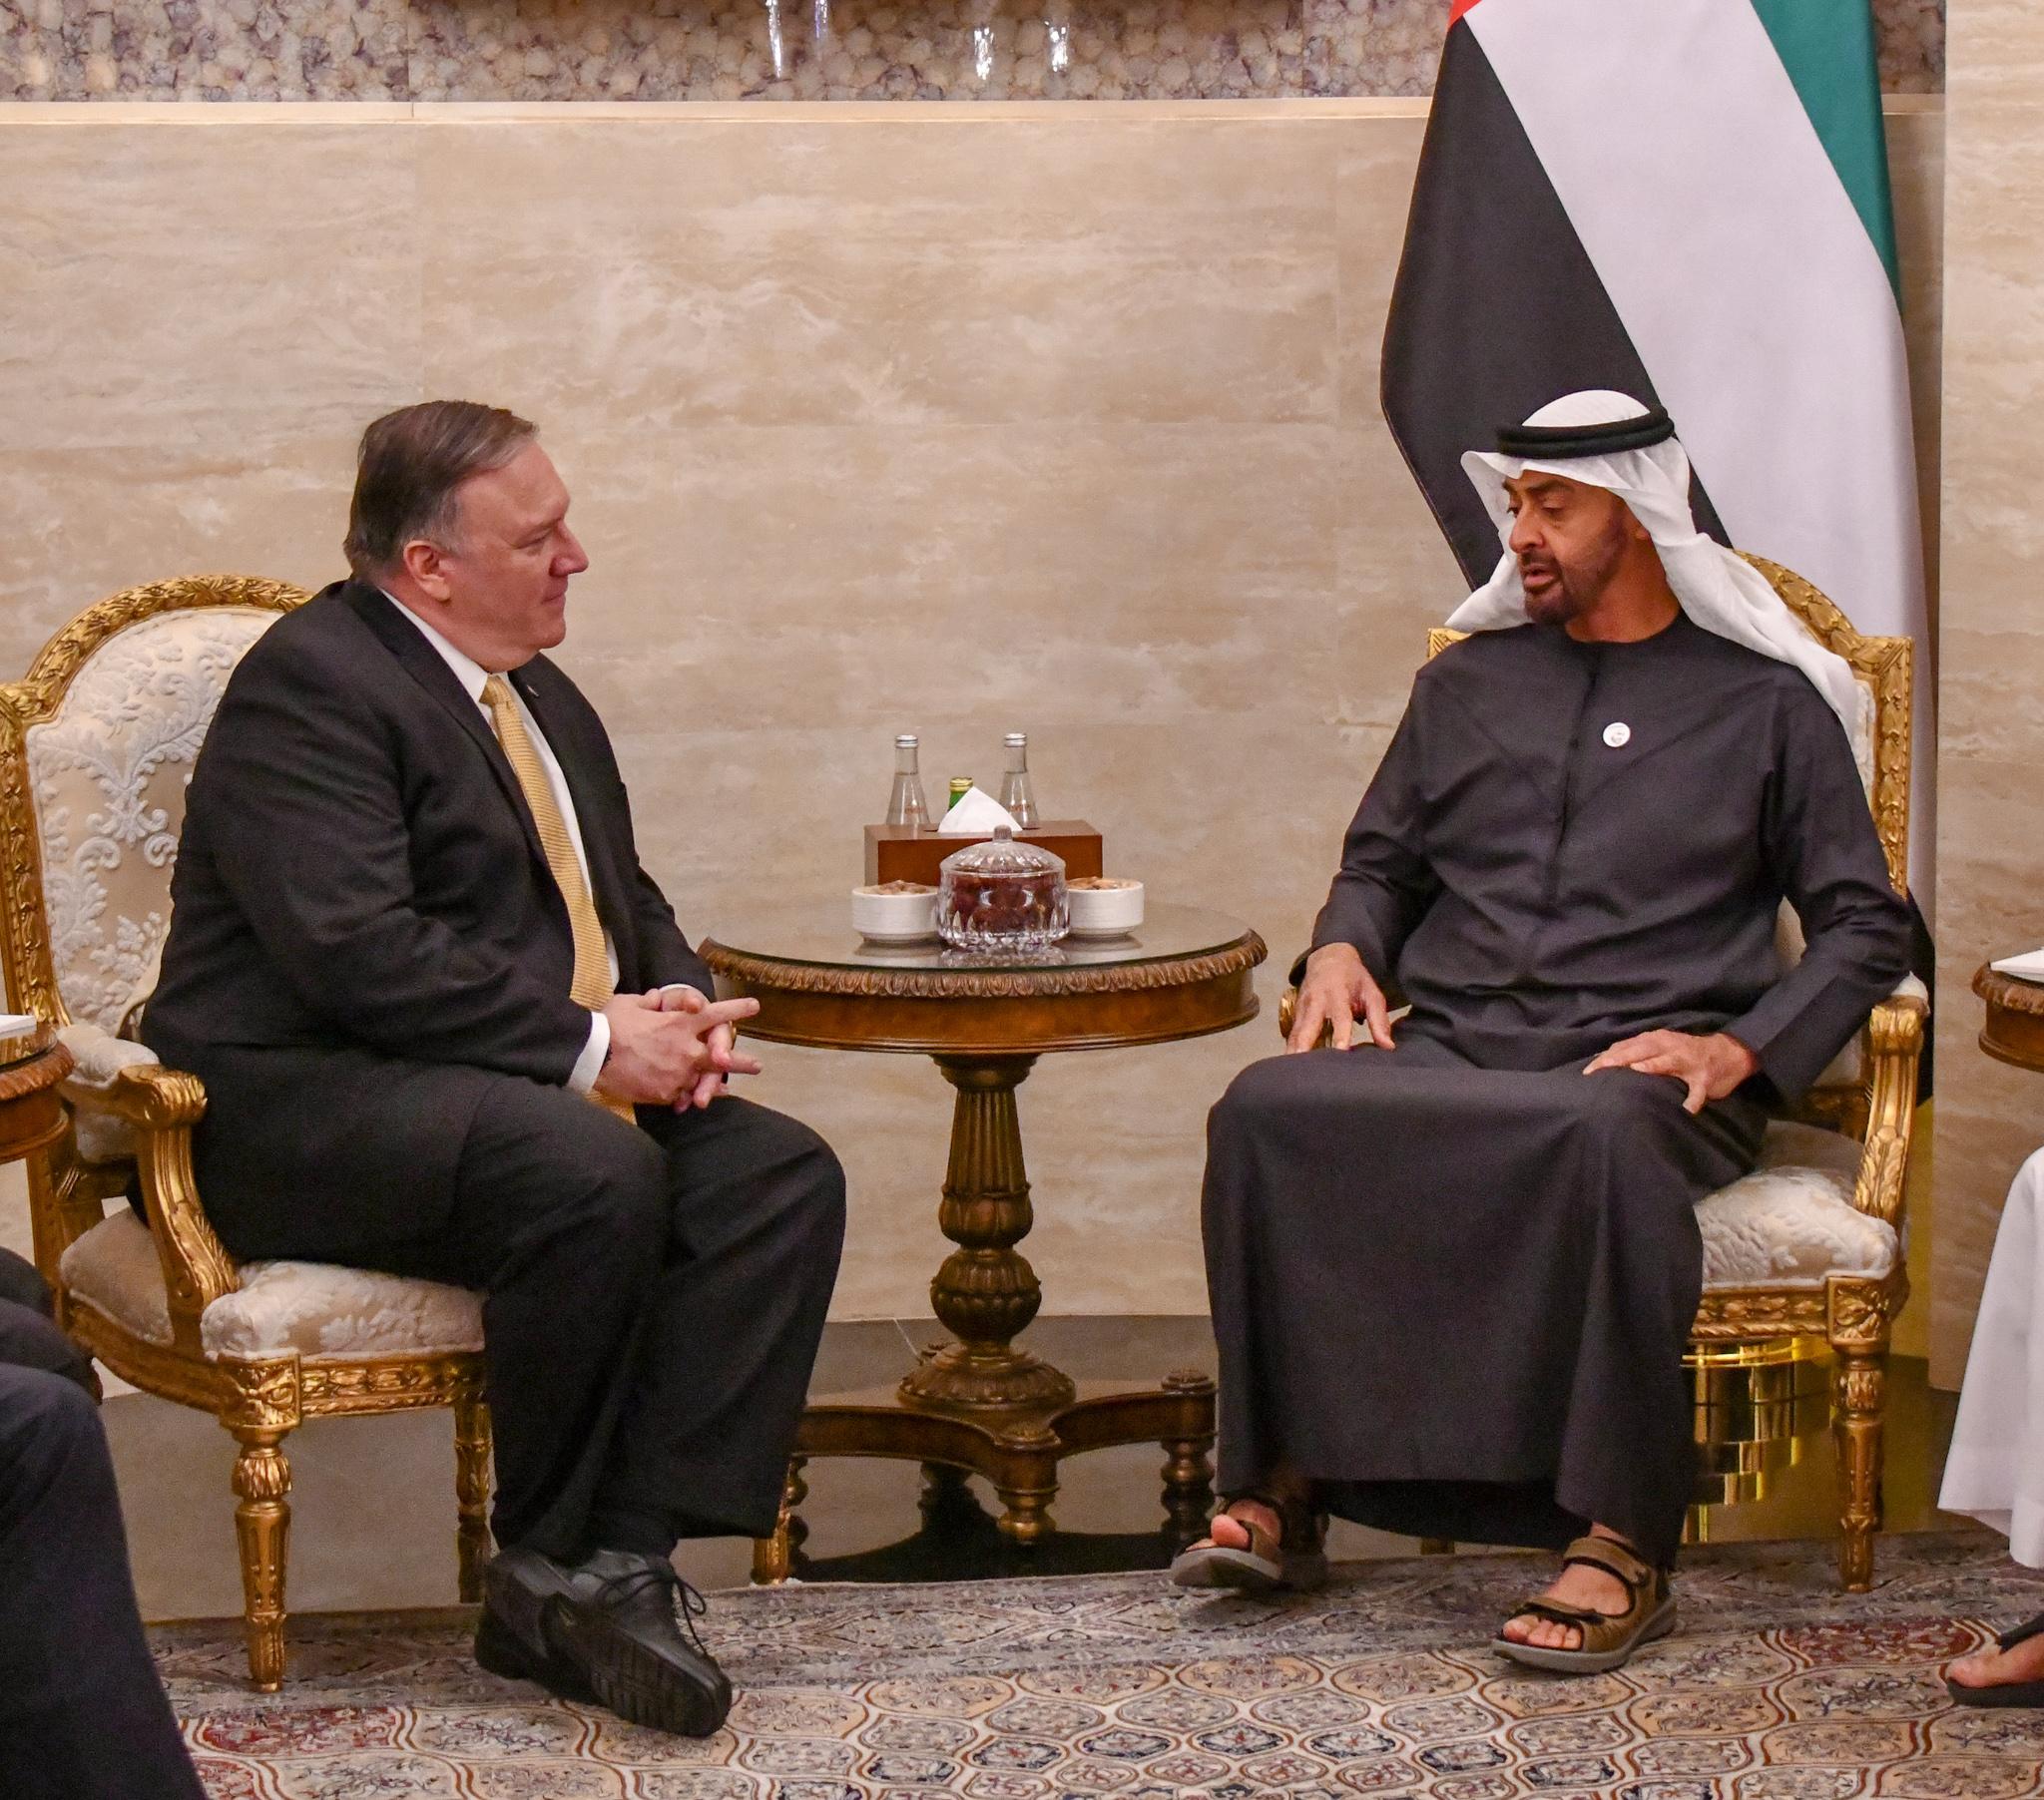 两位领导人正在交谈(美国国务院)